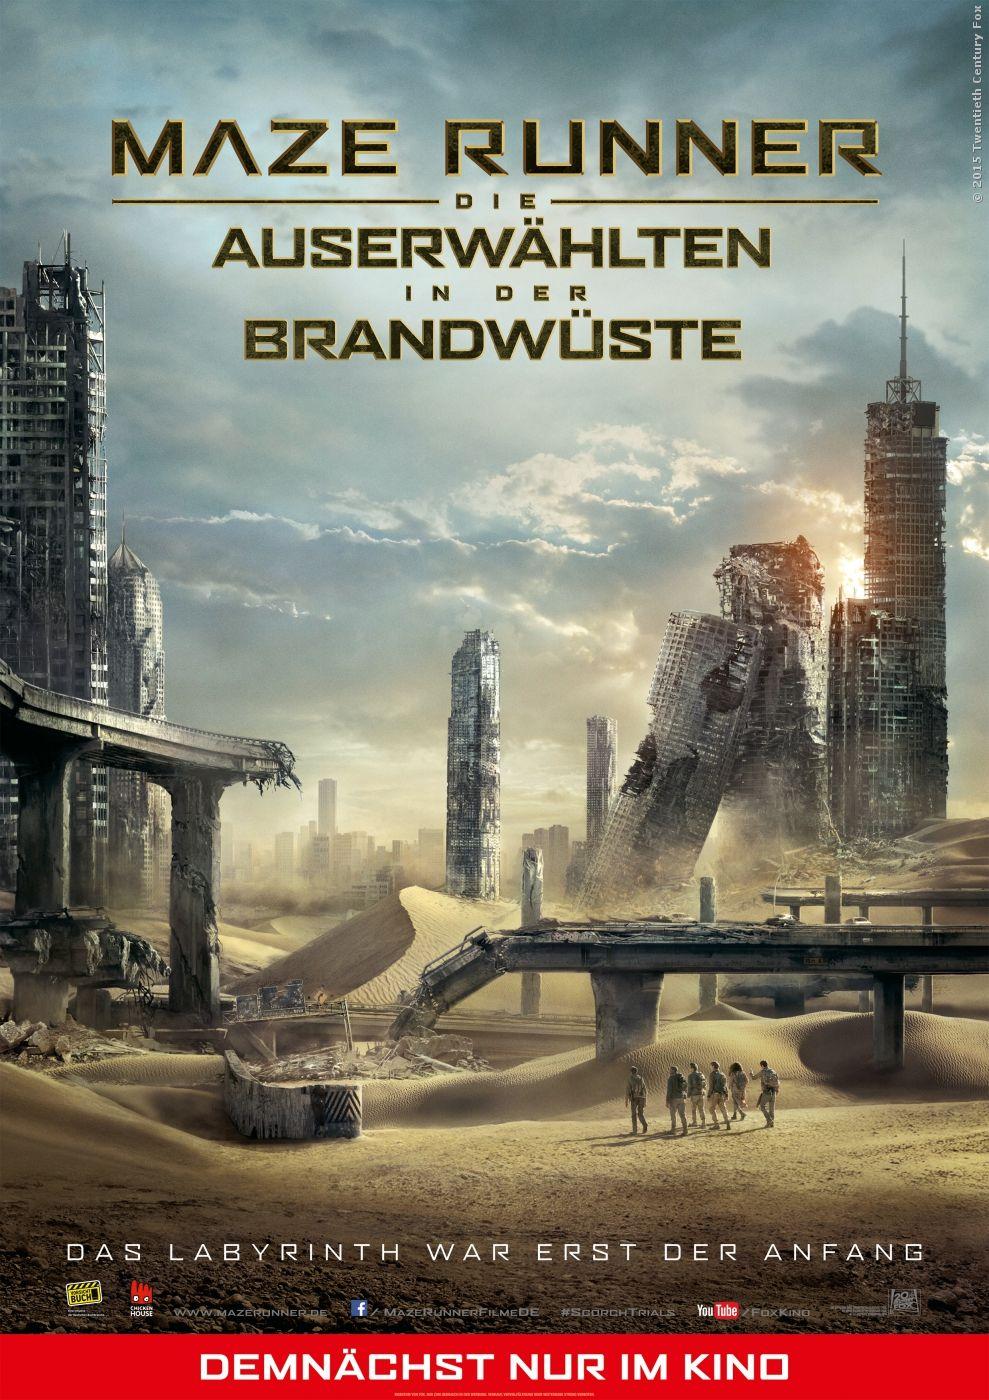 Maze Runner 2 Ganzer Film Deutsch Kostenlos